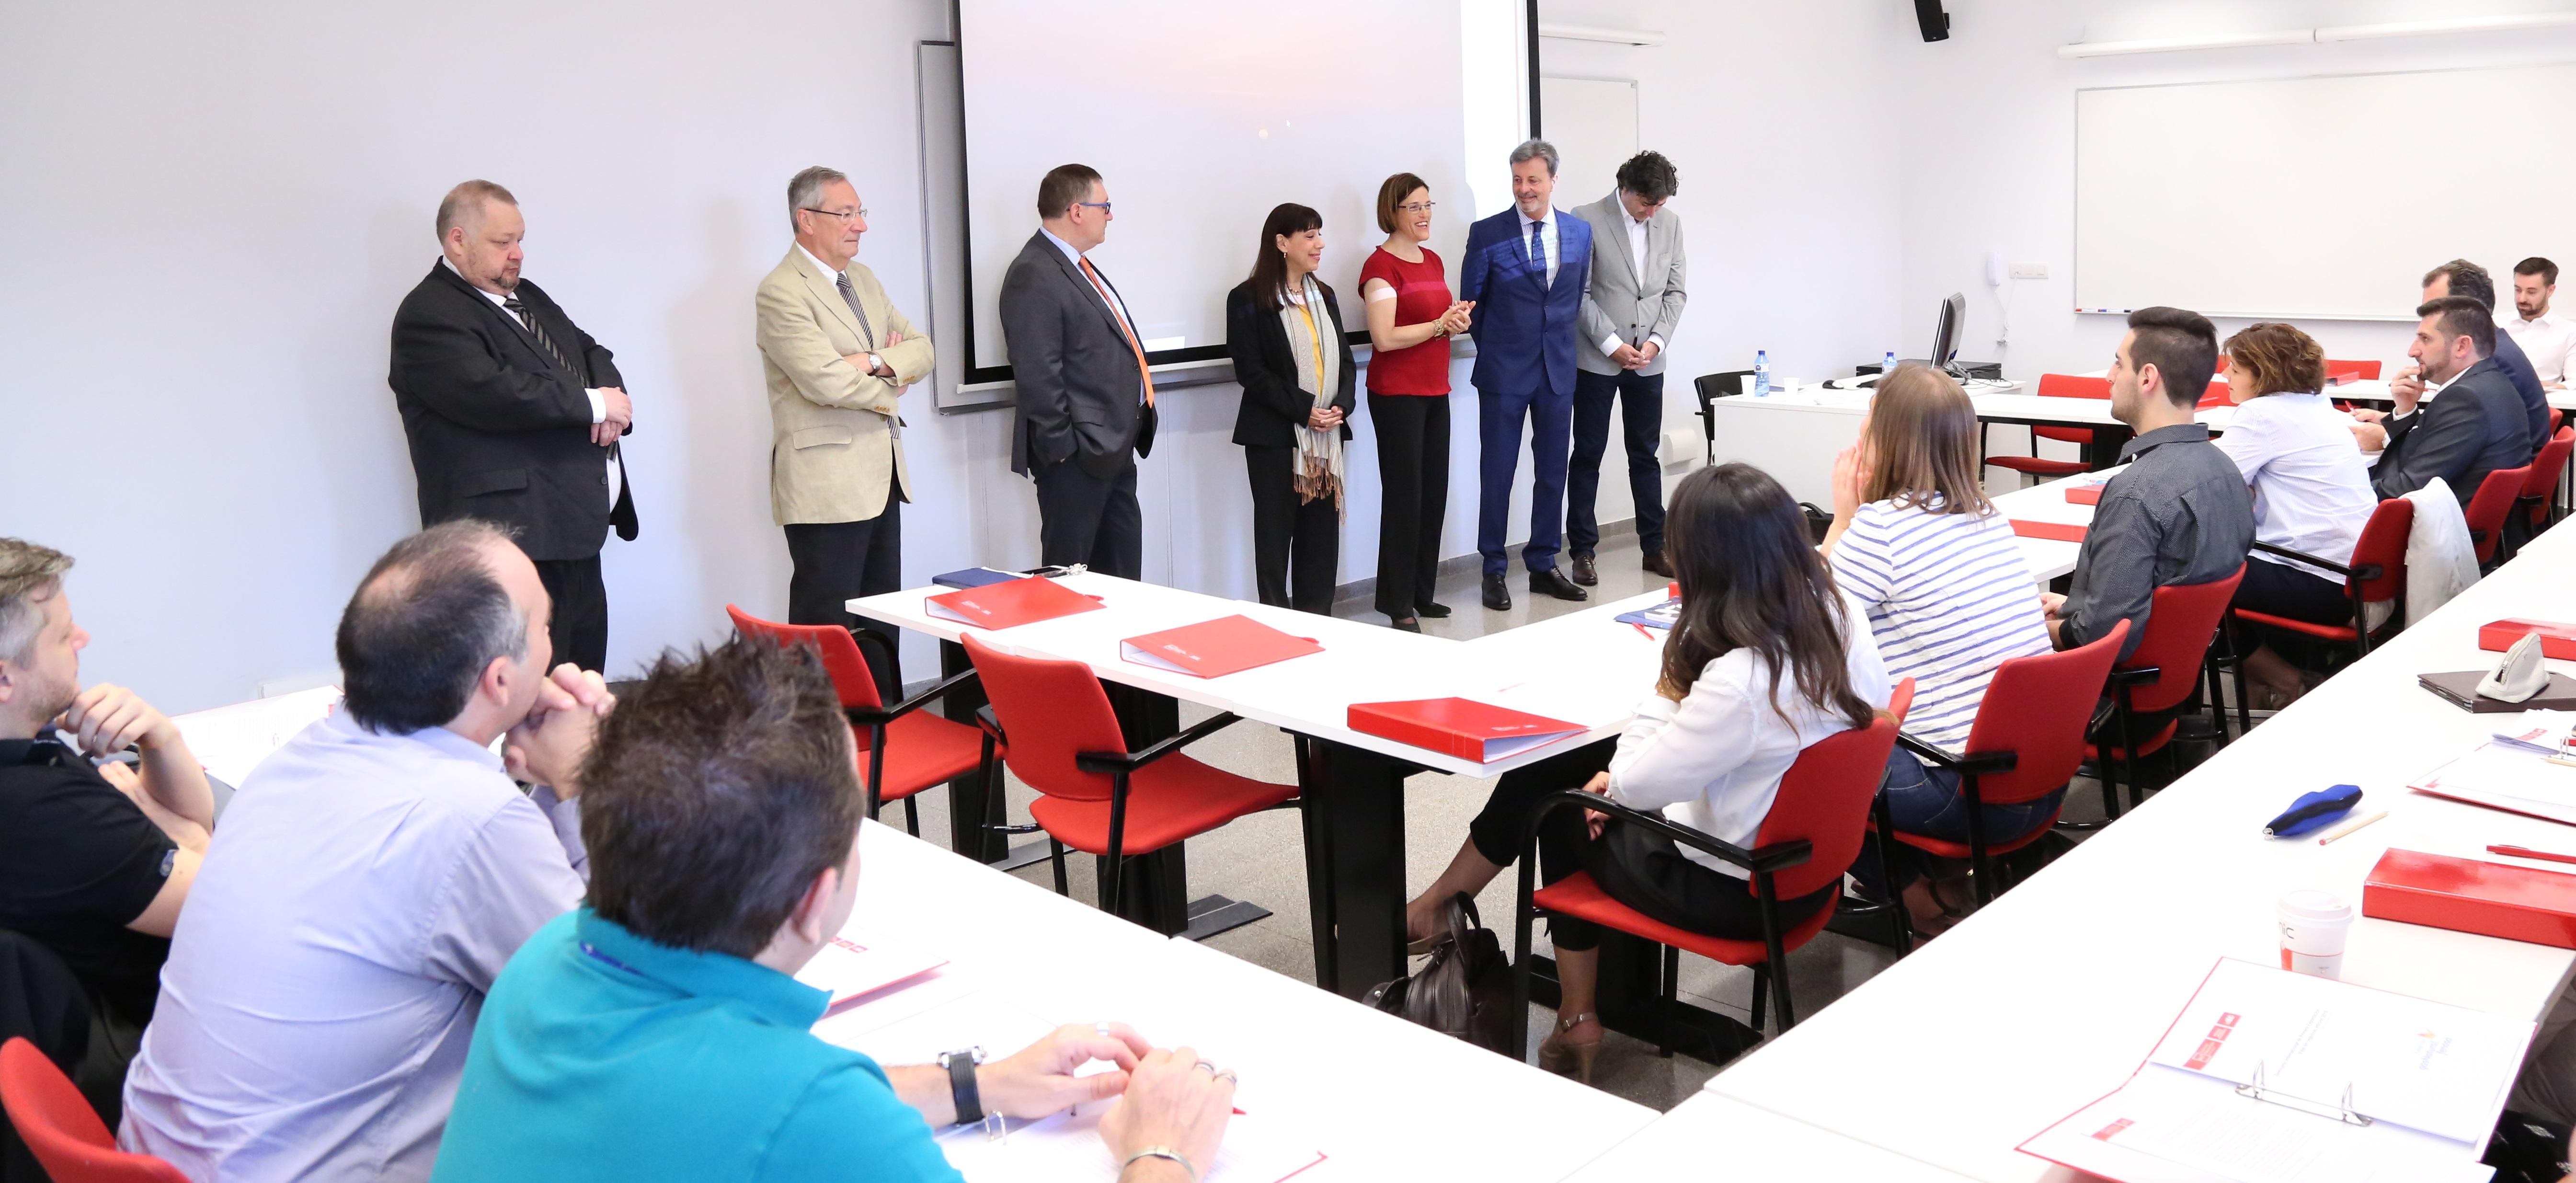 Beca 30 empresarios españoles y argentinos comercio exterior